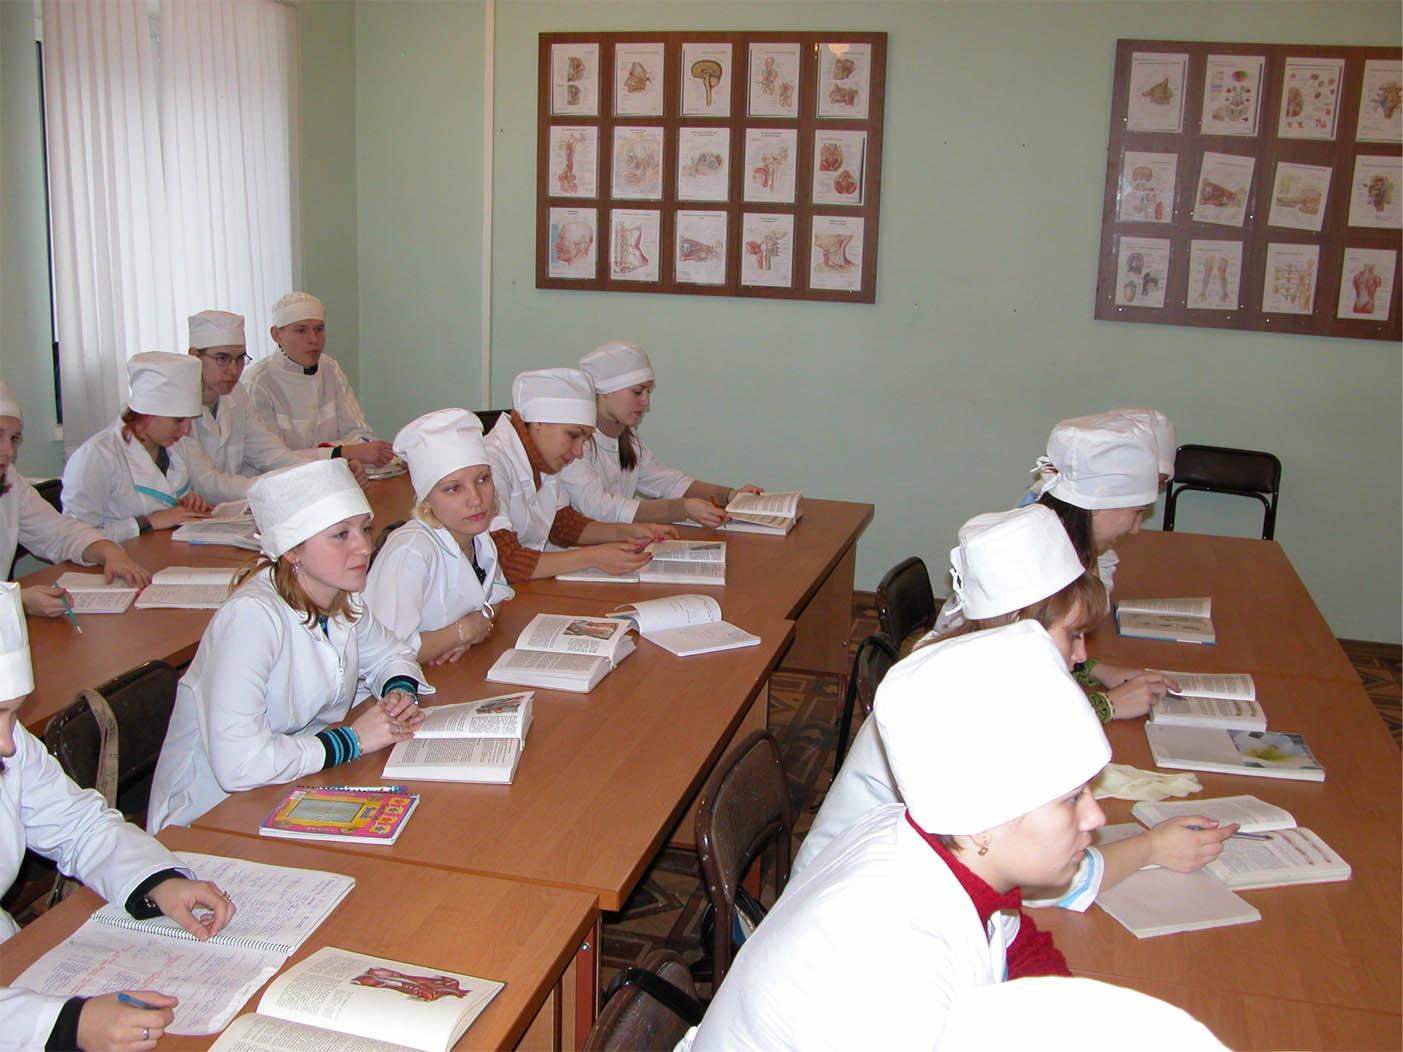 Студентка мединститута фото 15 фотография